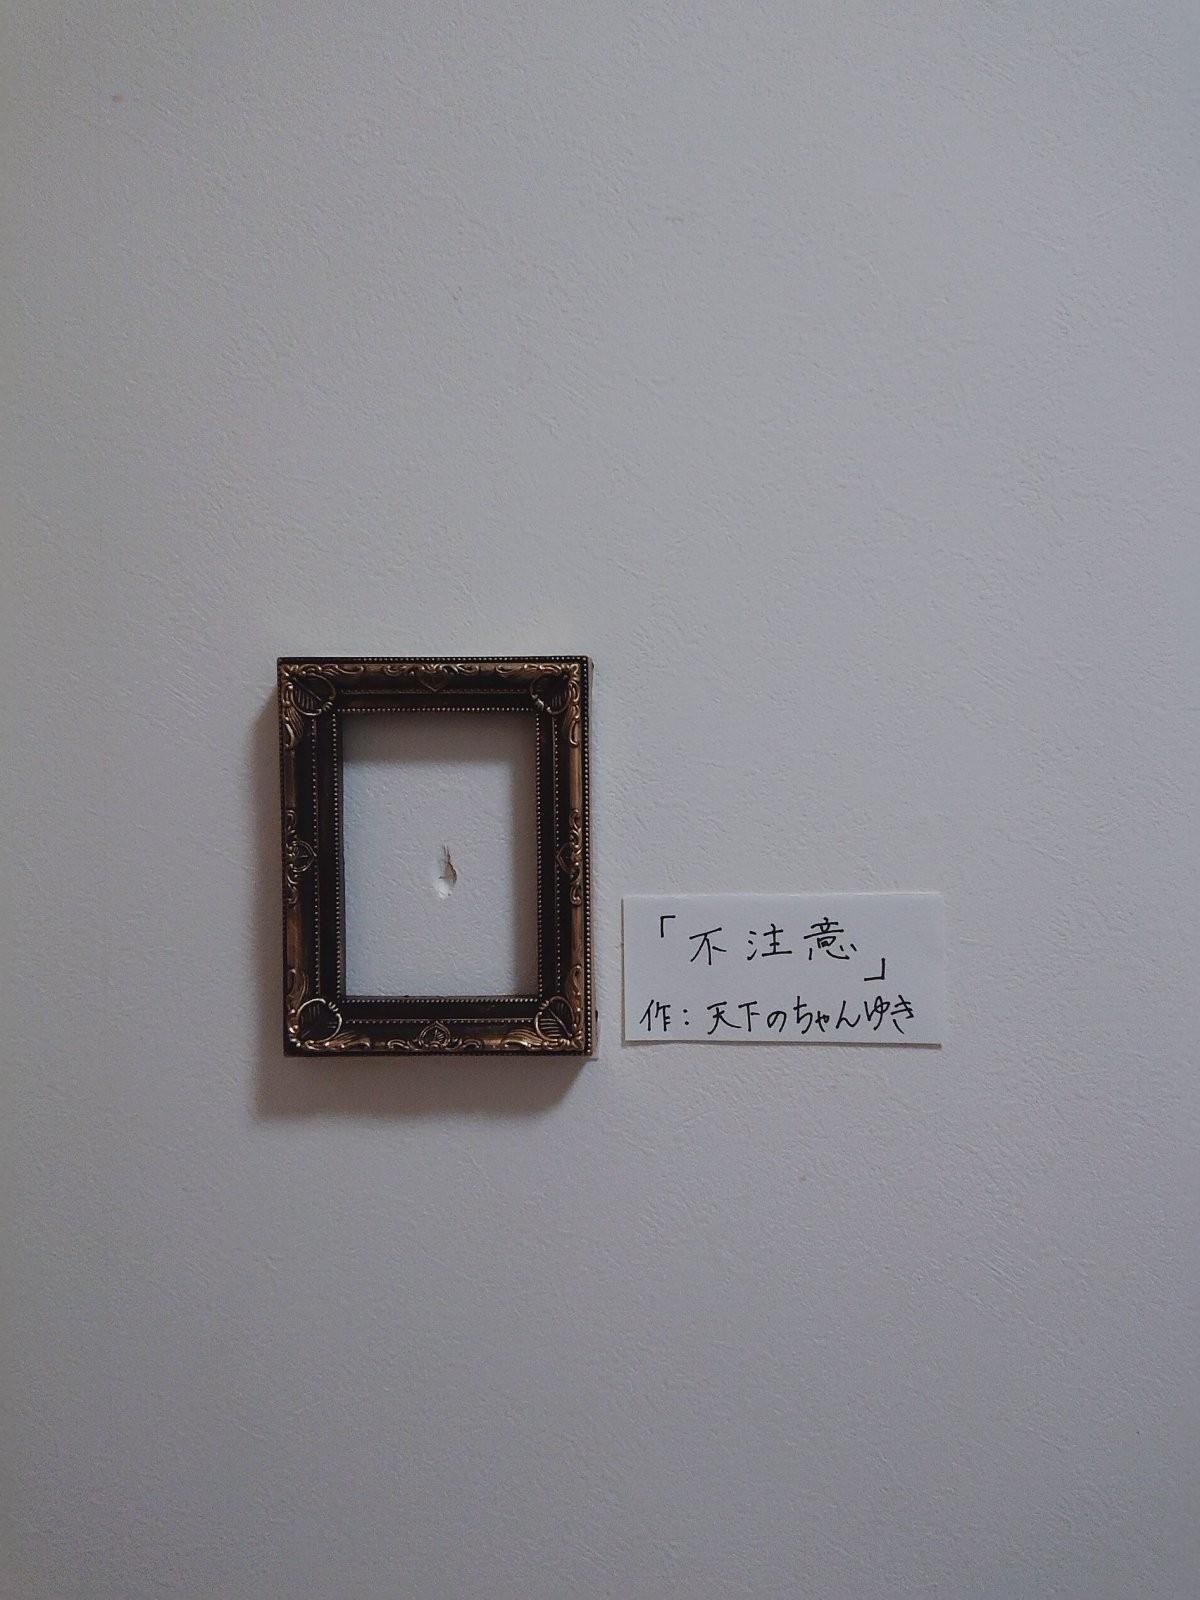 ▲▼ 打牆。(圖/翻攝自Twitter/@yuki_banamon)